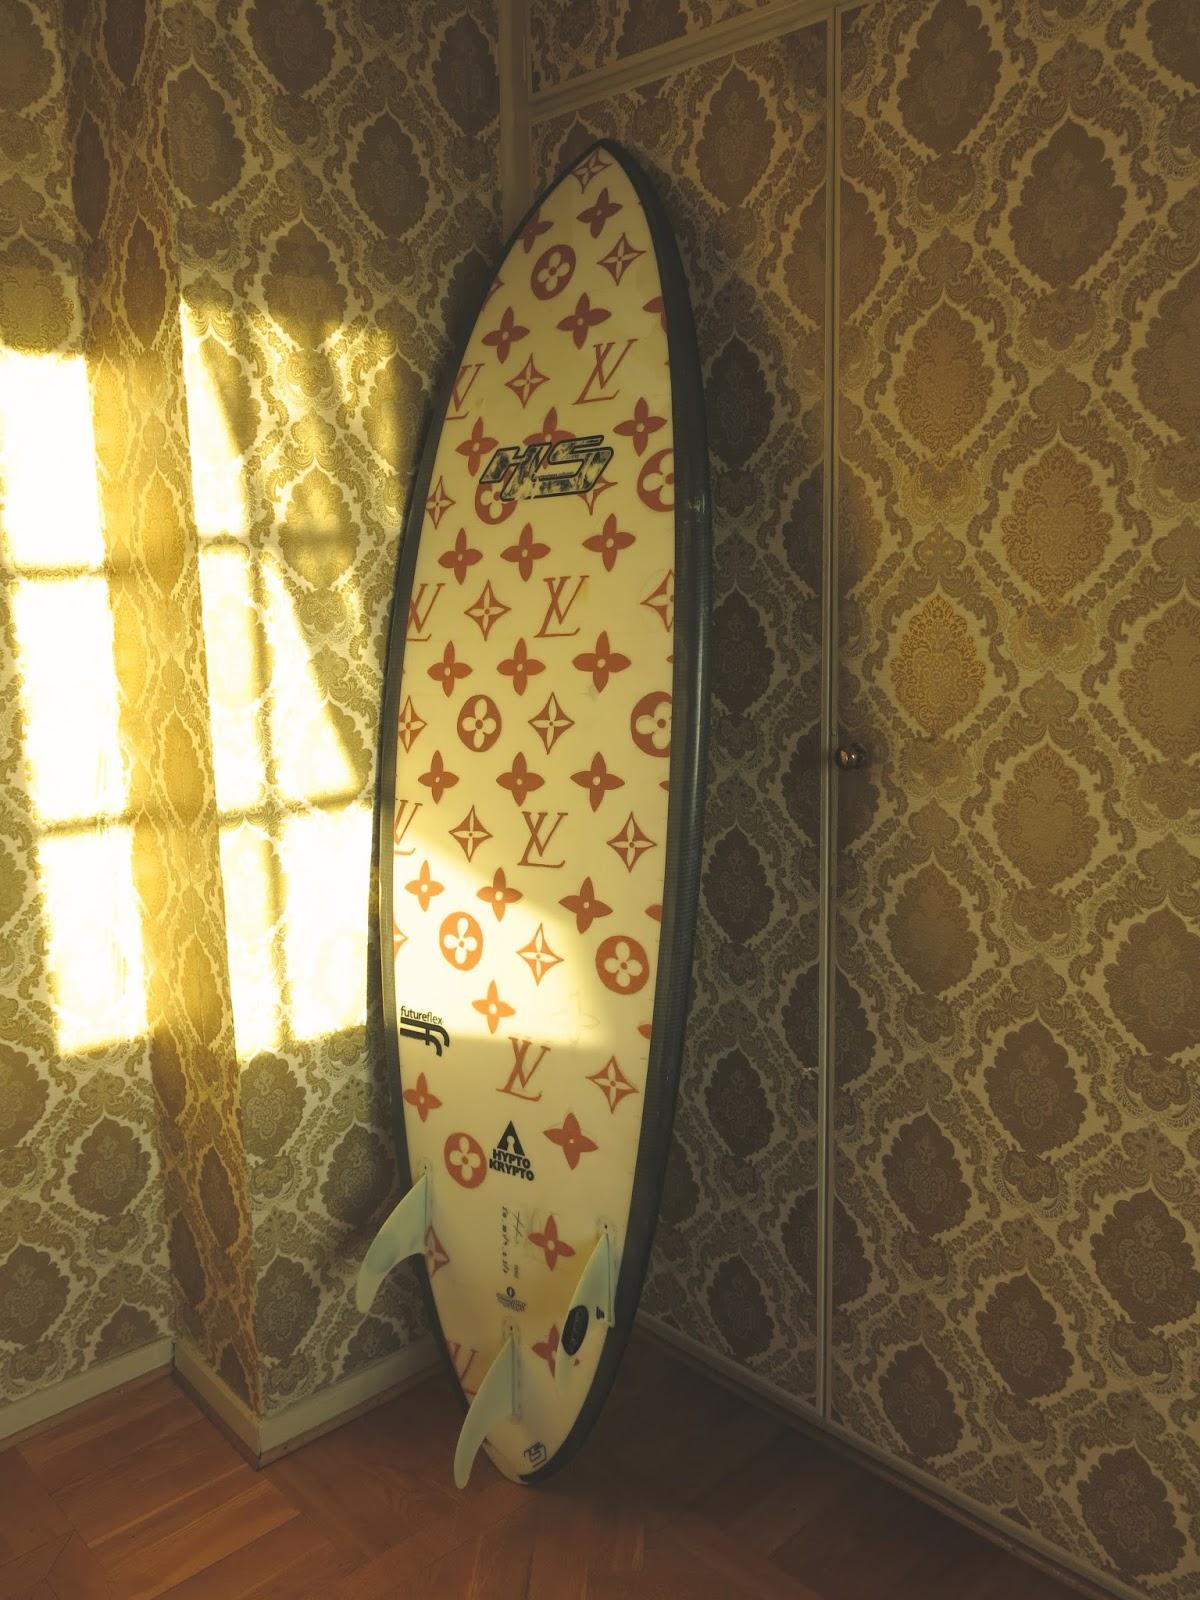 FRANKSAY: SURFBOARD ART